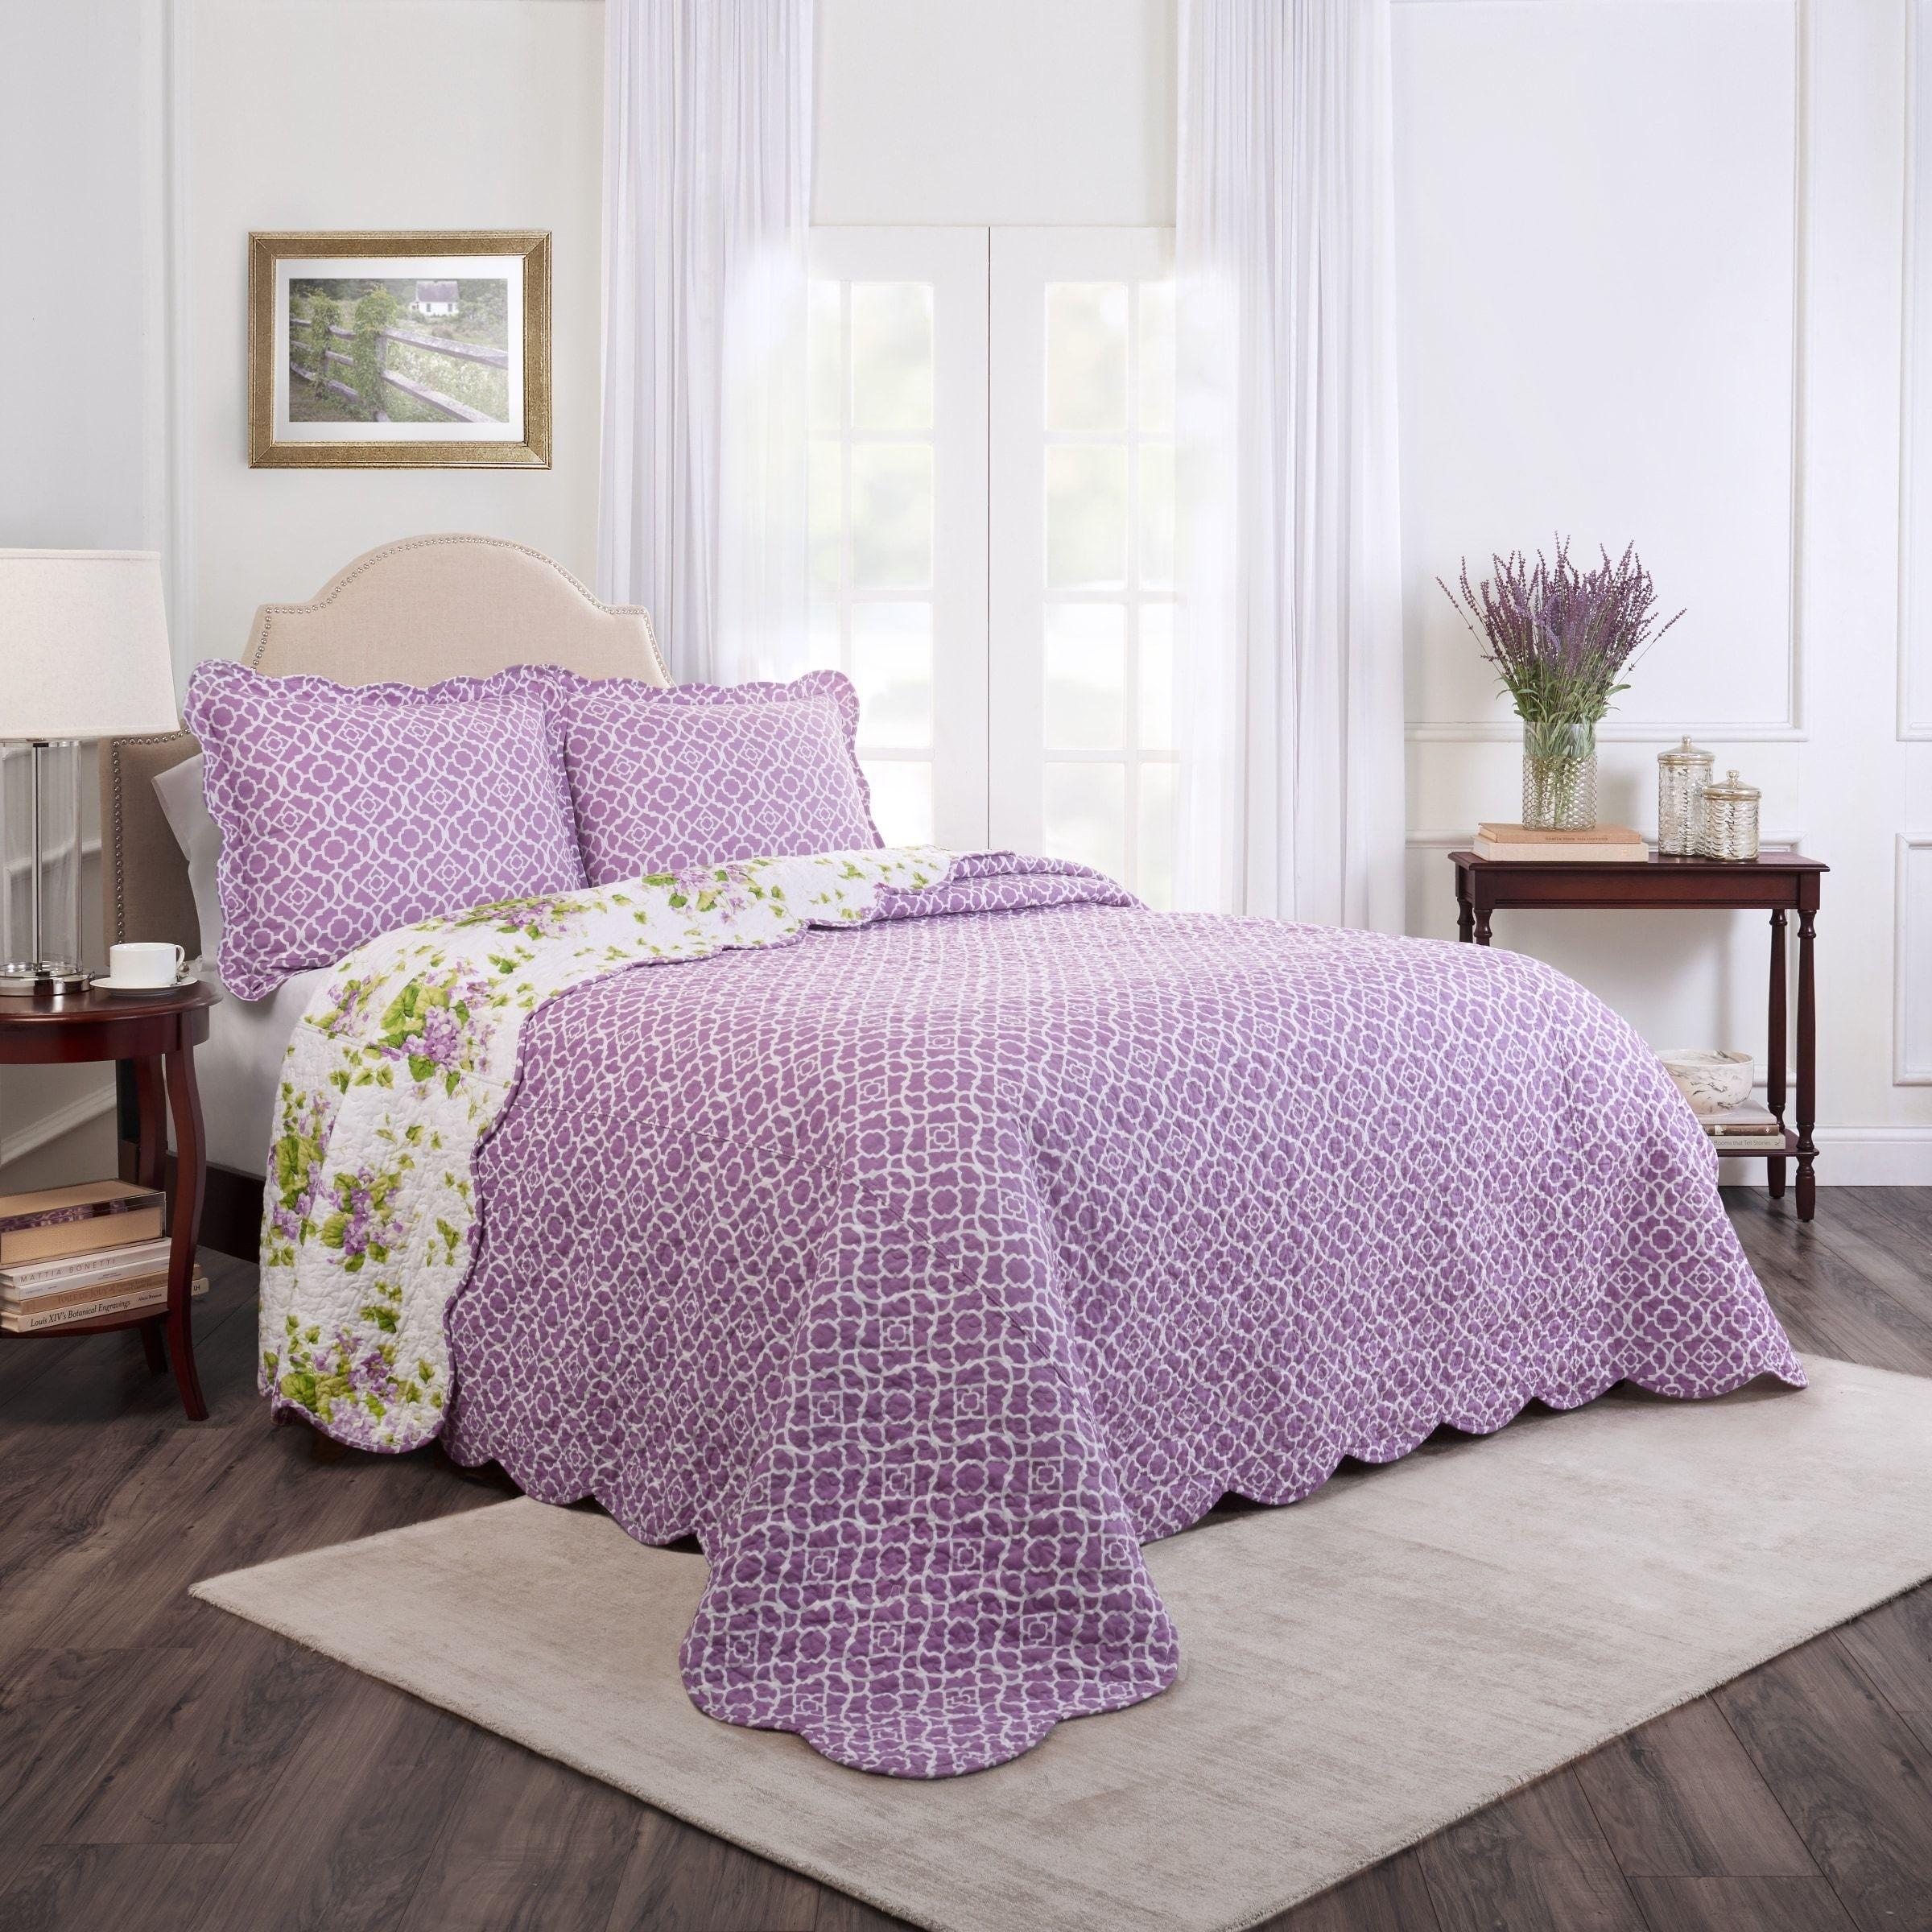 Image result for violets bedspread Bedspread set, Bed